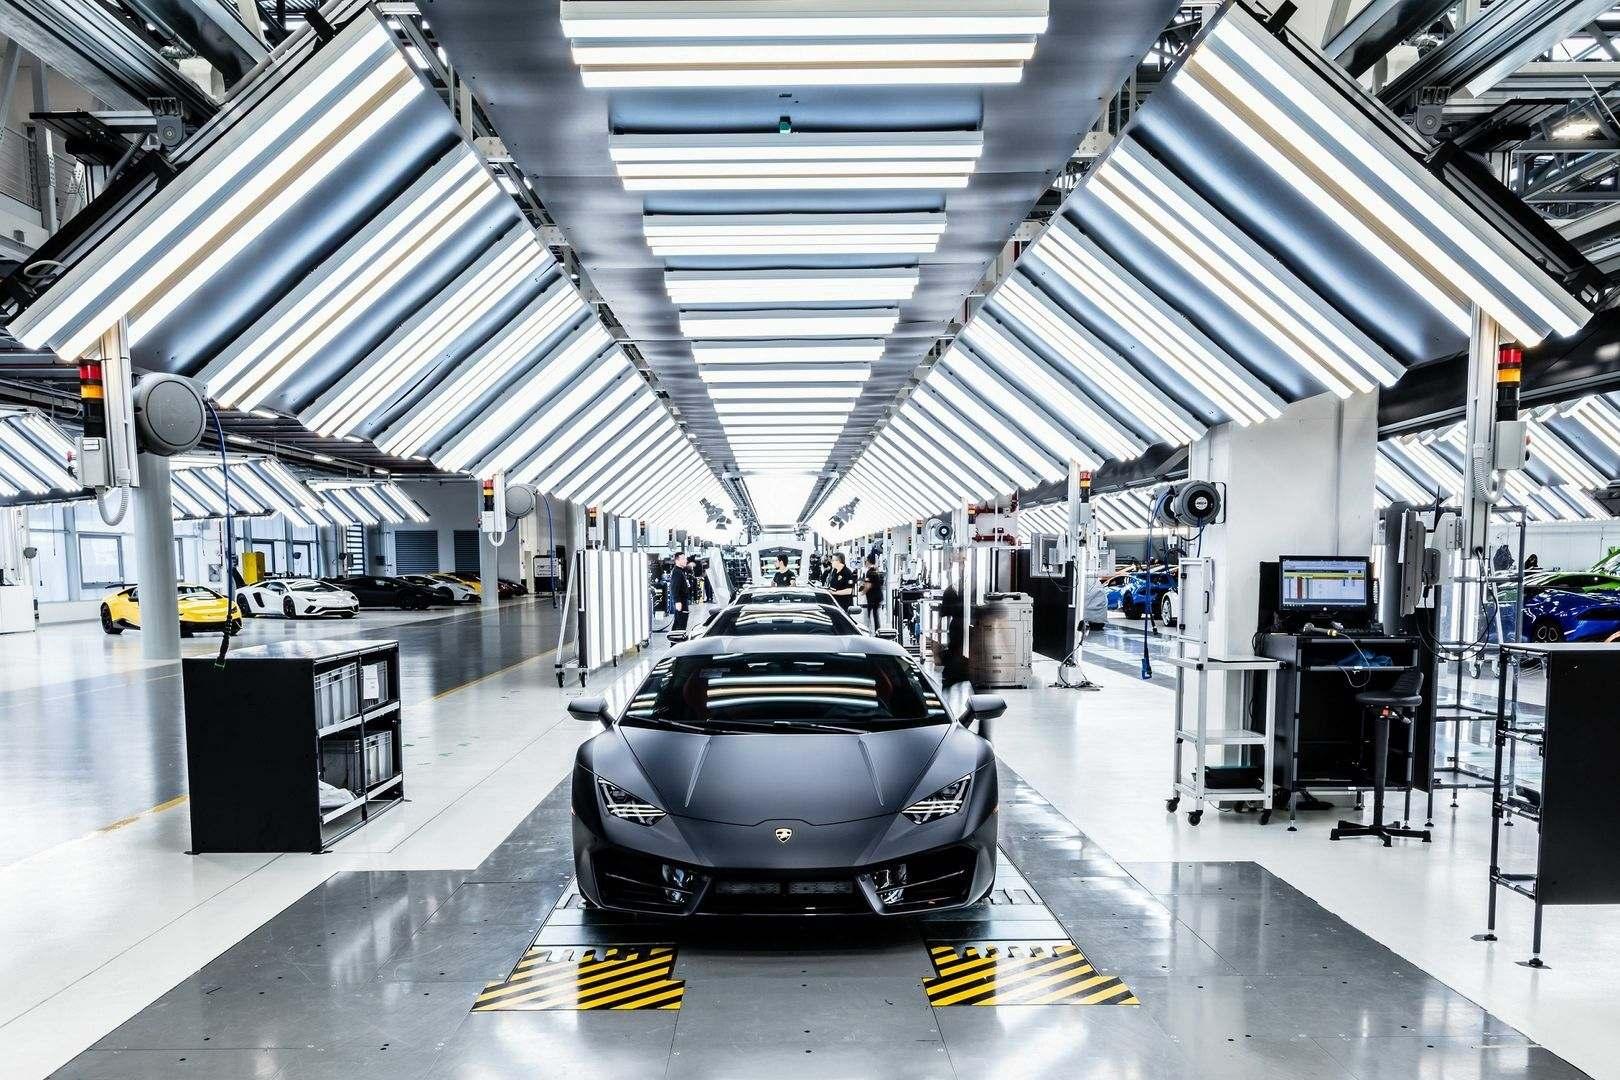 ¿Cómo se fabrica un automóvil de serie limitada? (IX)